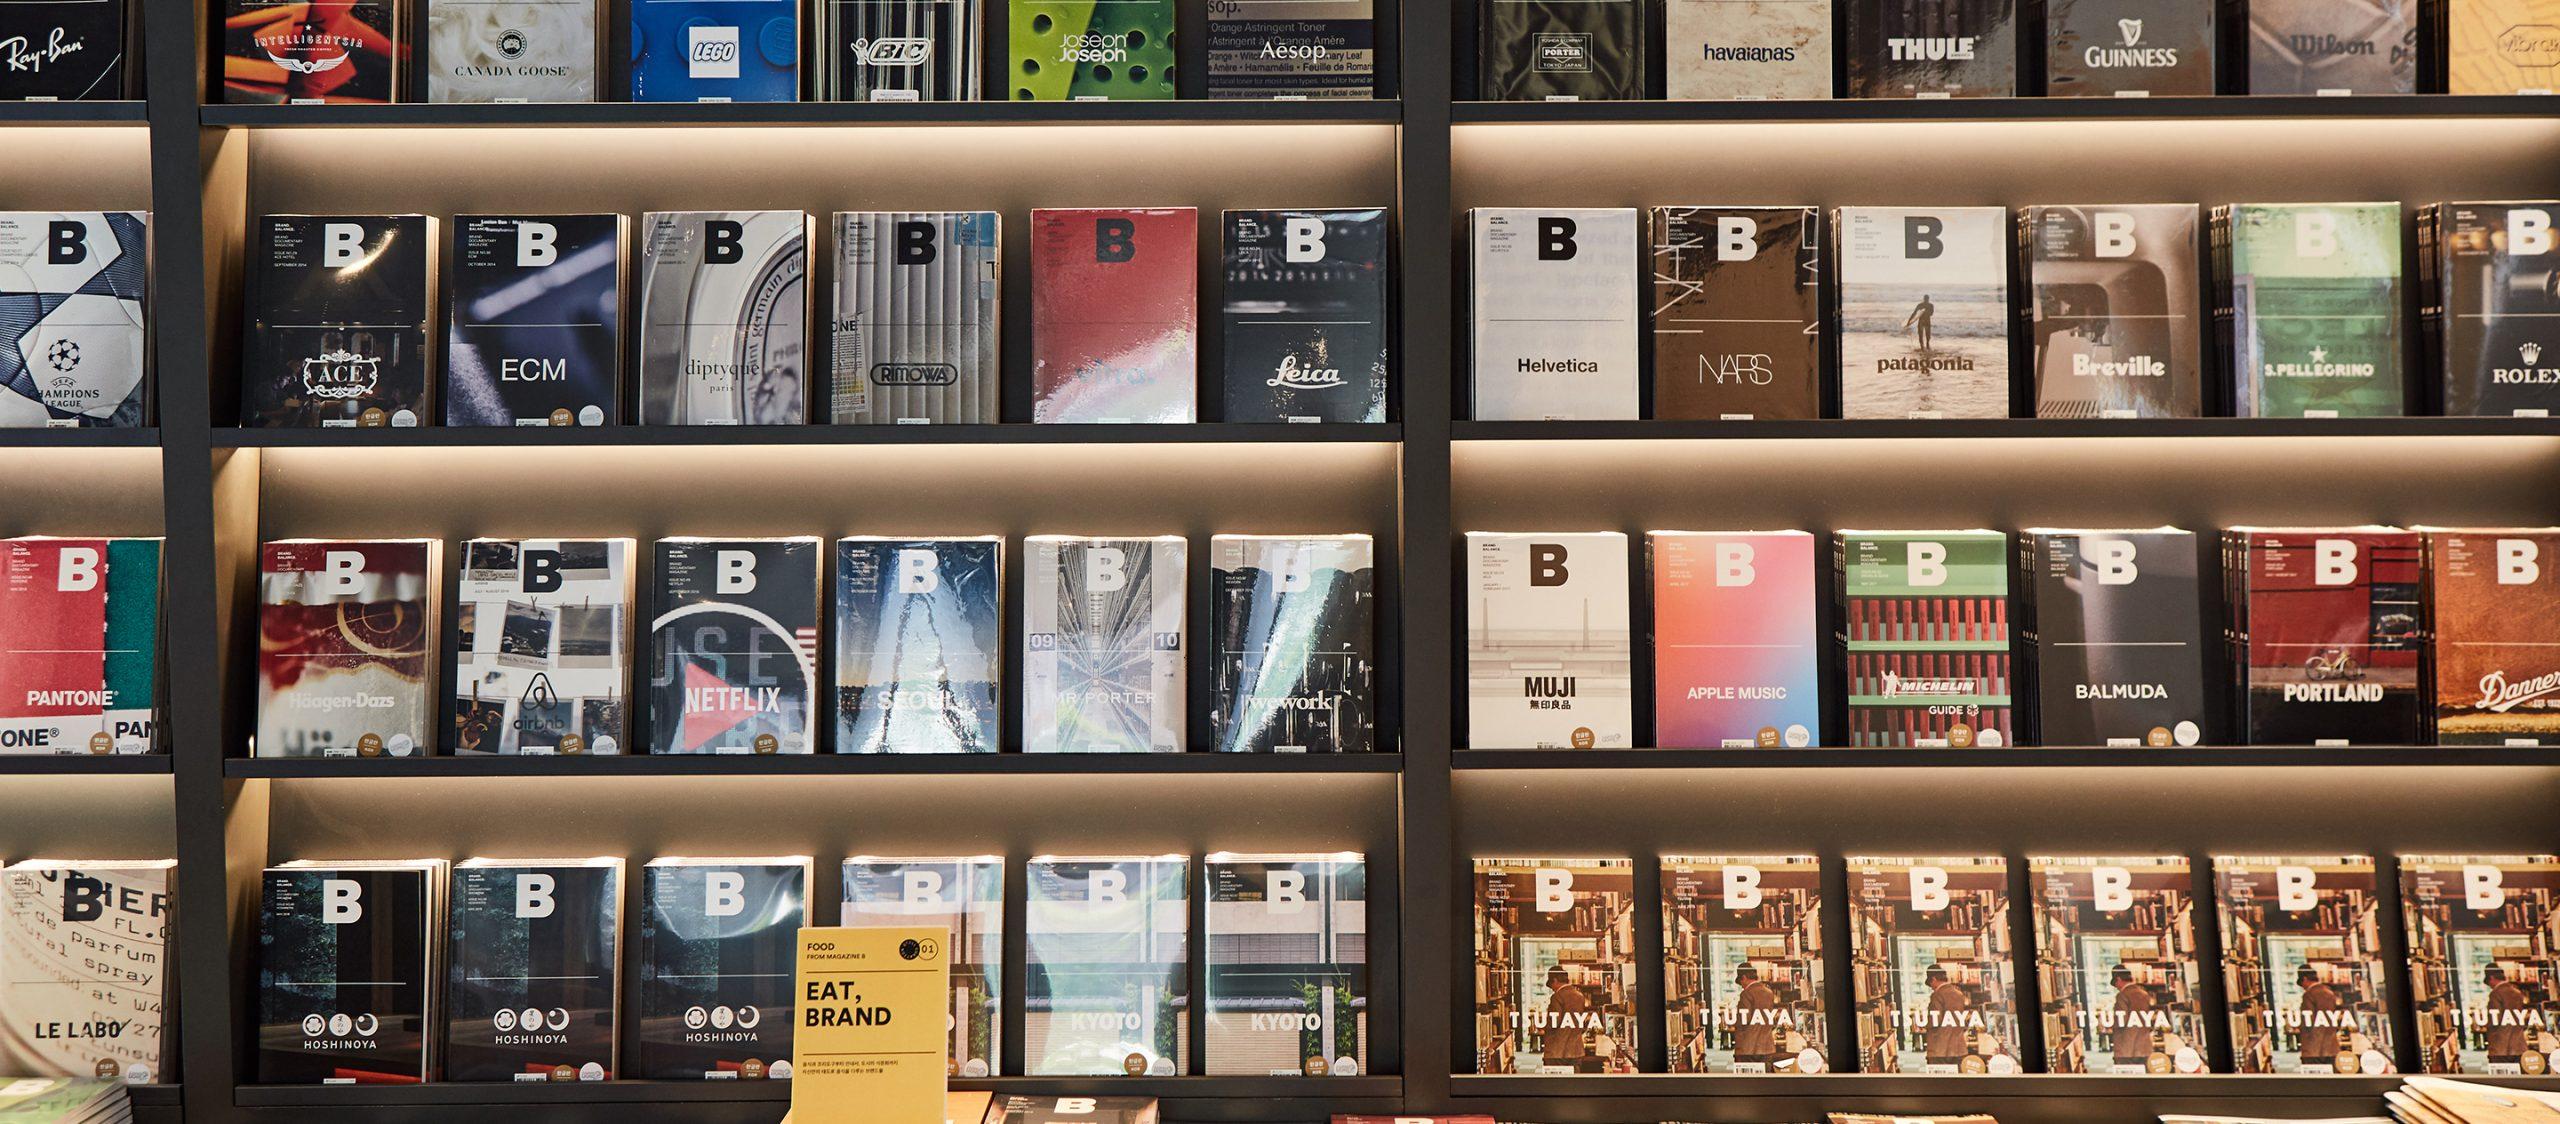 คุยกับ บ.ก.แห่ง Magazine B นิตยสารสัญชาติเกาหลีที่เล่าเรื่อง 'แบรนด์' เชิงลึกและสนุกเป็นที่สุด